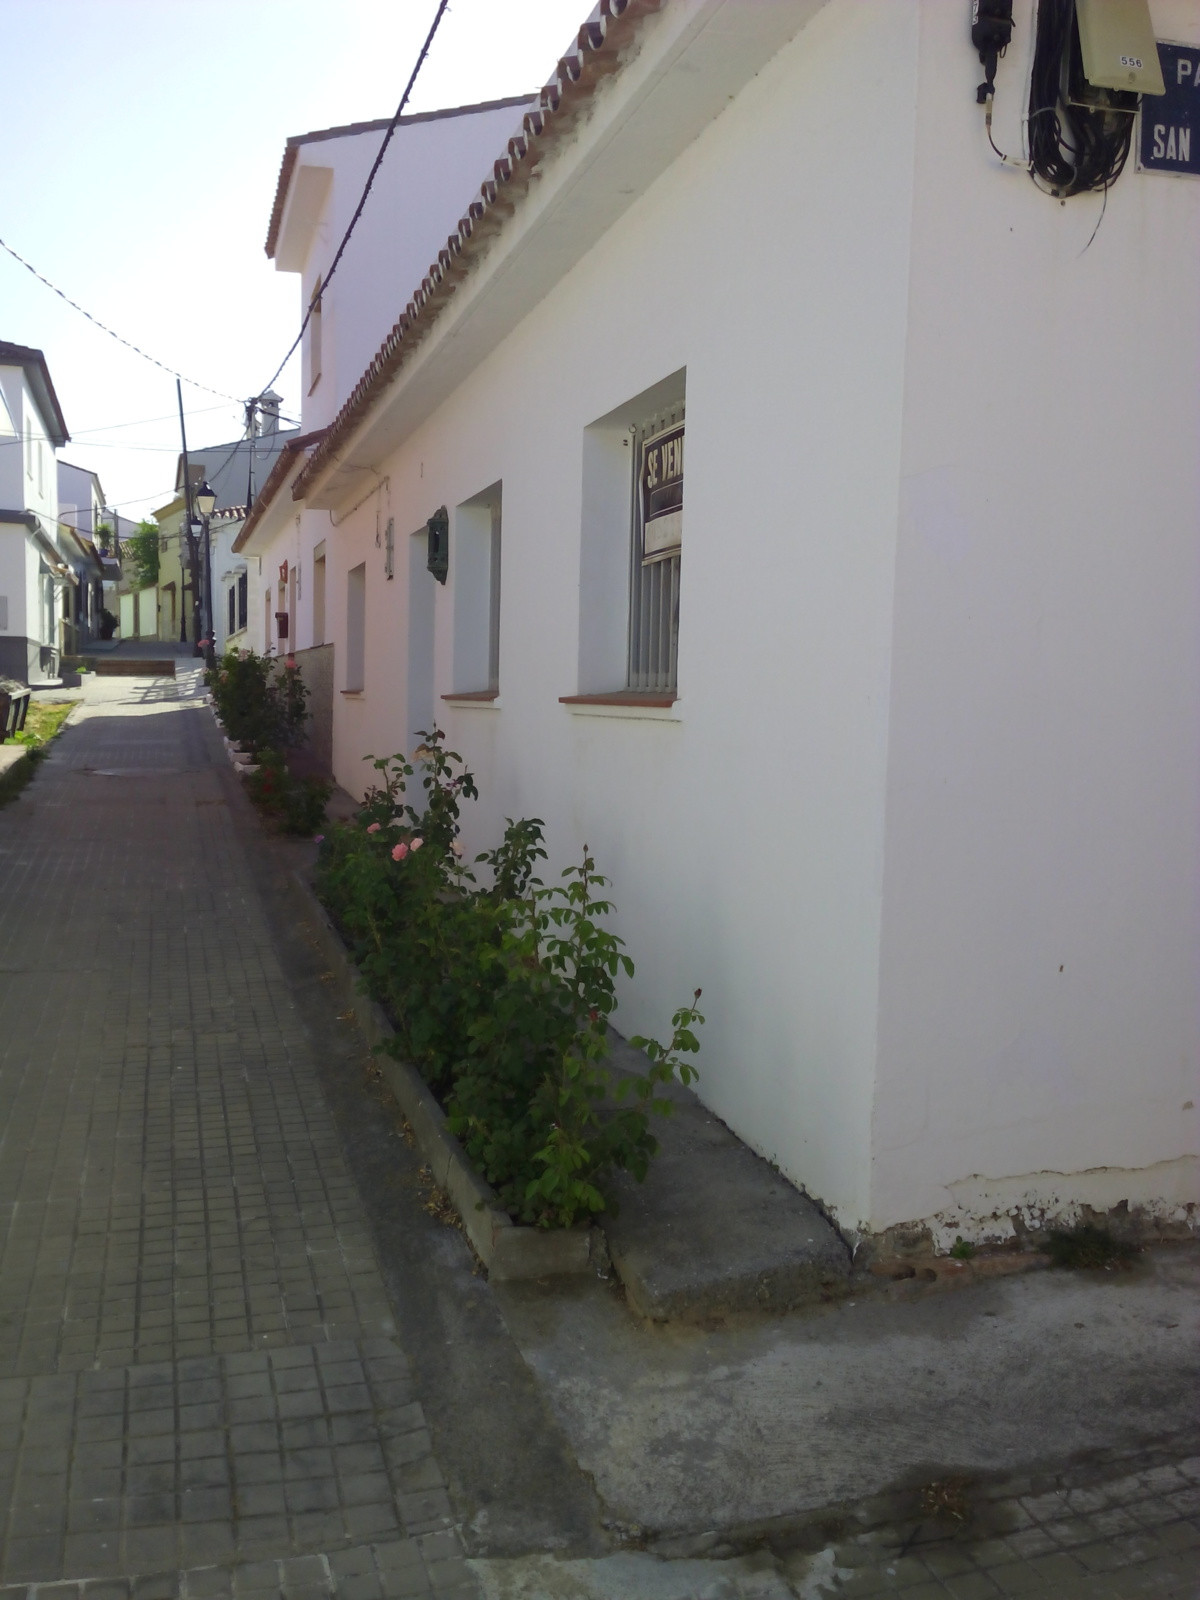 Maison Jumelée, Mitoyenne  en vente    à Guadiaro